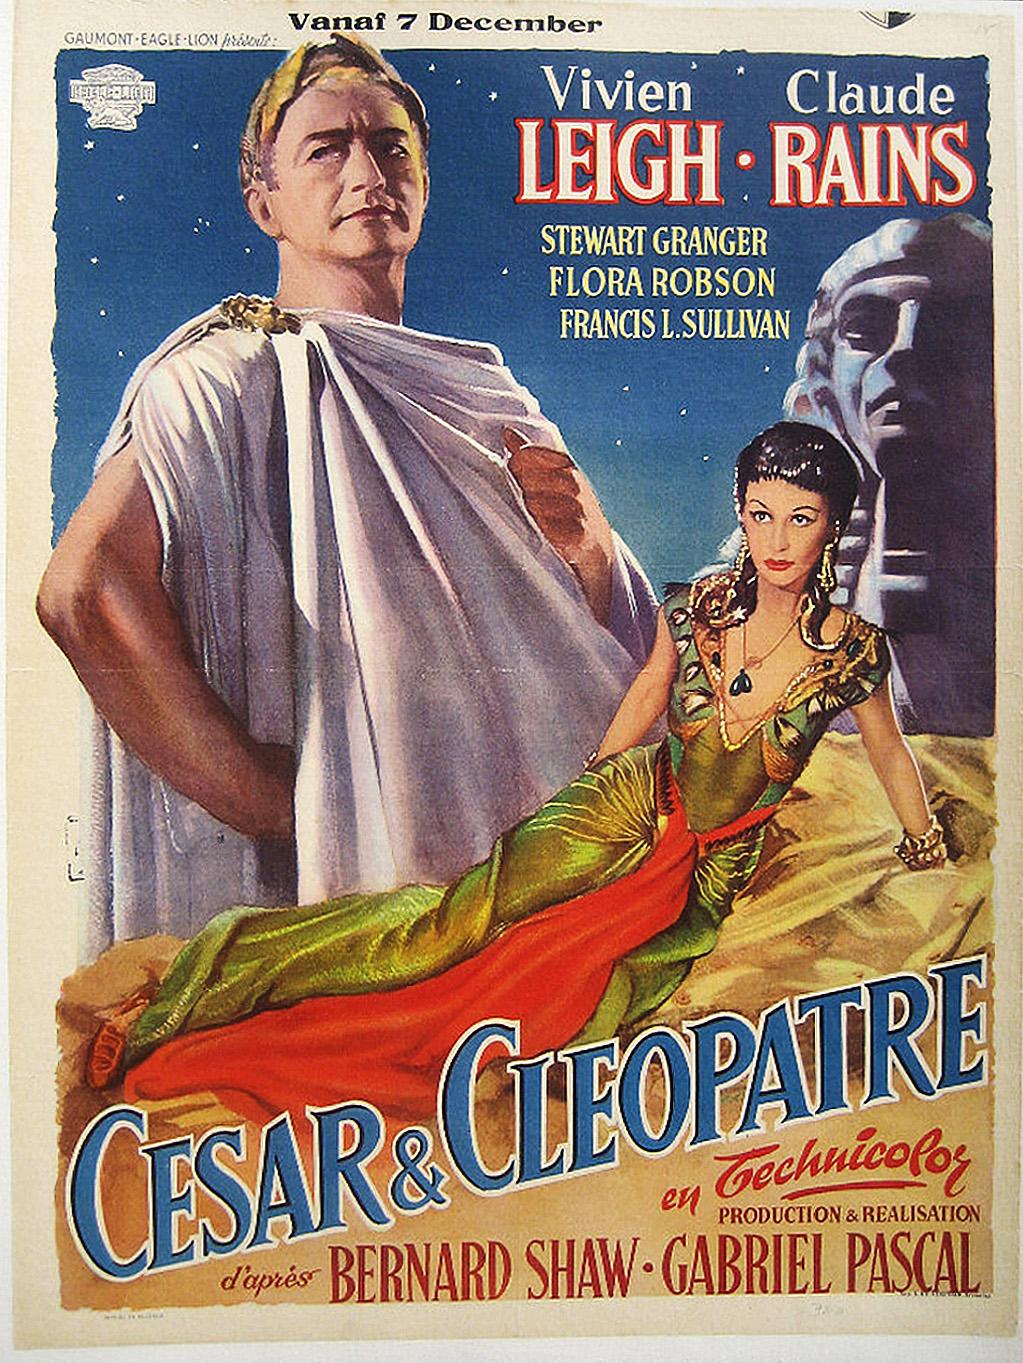 Zontar of Venus: Caesar and Cleopatra (1945)